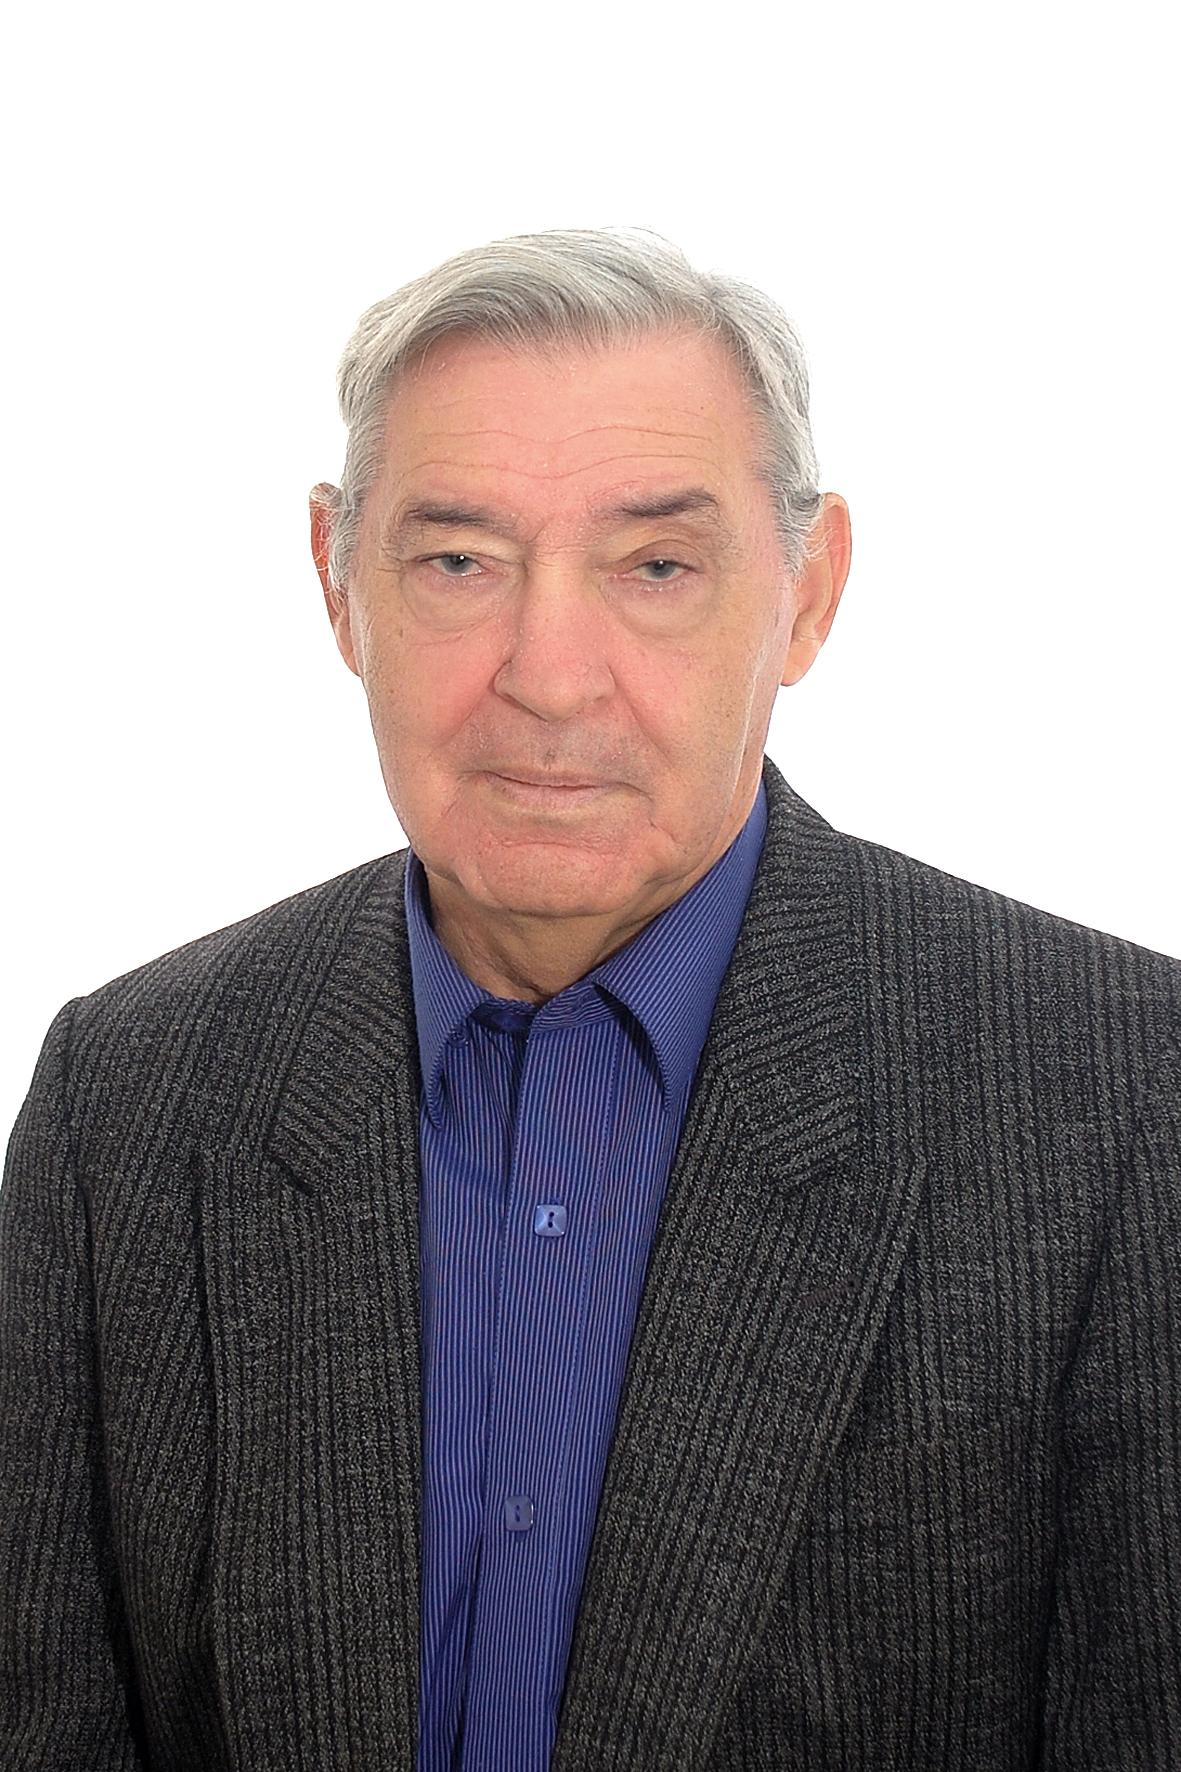 Васильєв - завідувач кафедри